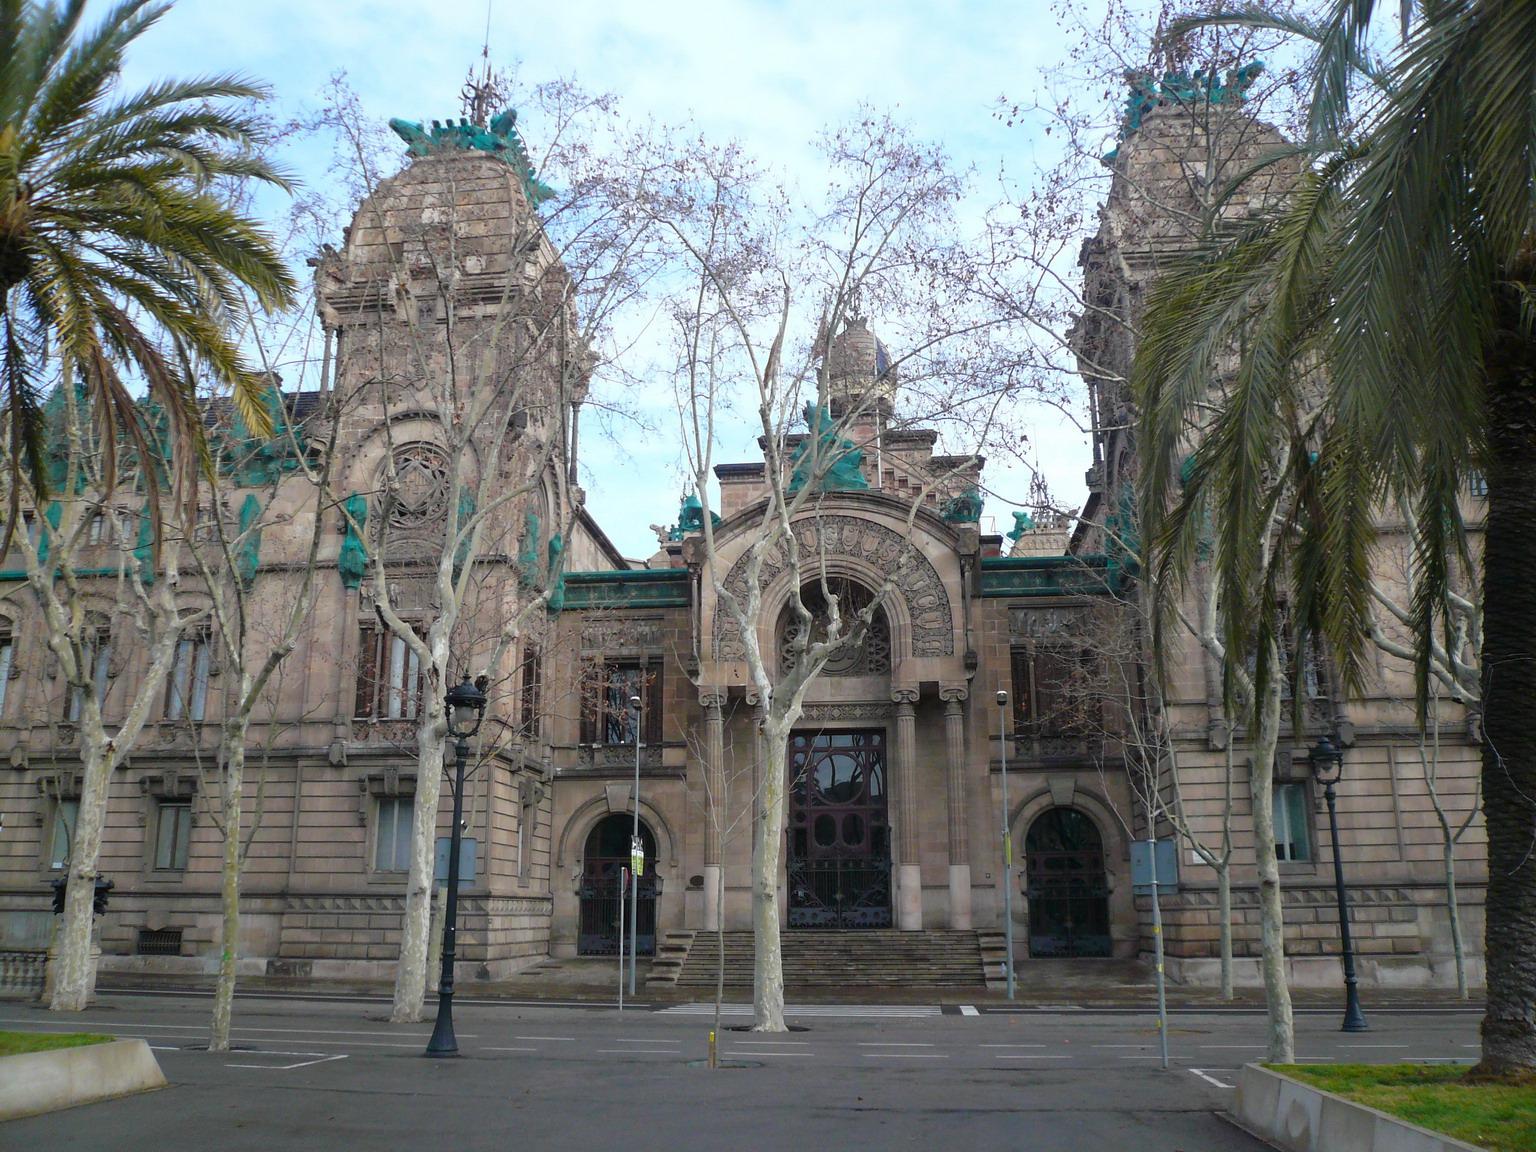 Veja o que saiu no Migalhas sobre Tribunal Superior de Justiça da Catalunha